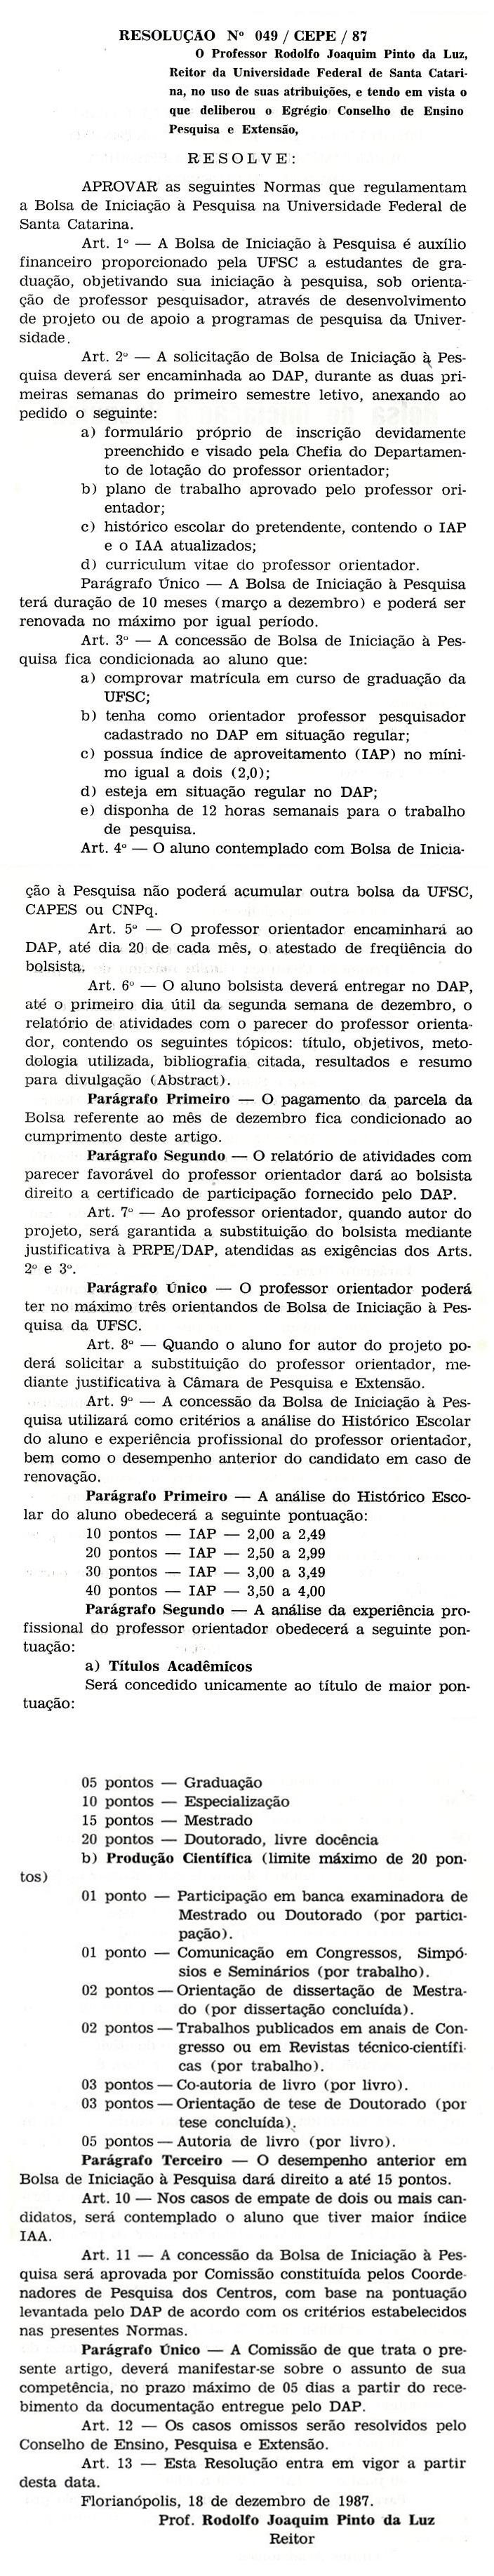 Resolução_049/CEPE/87